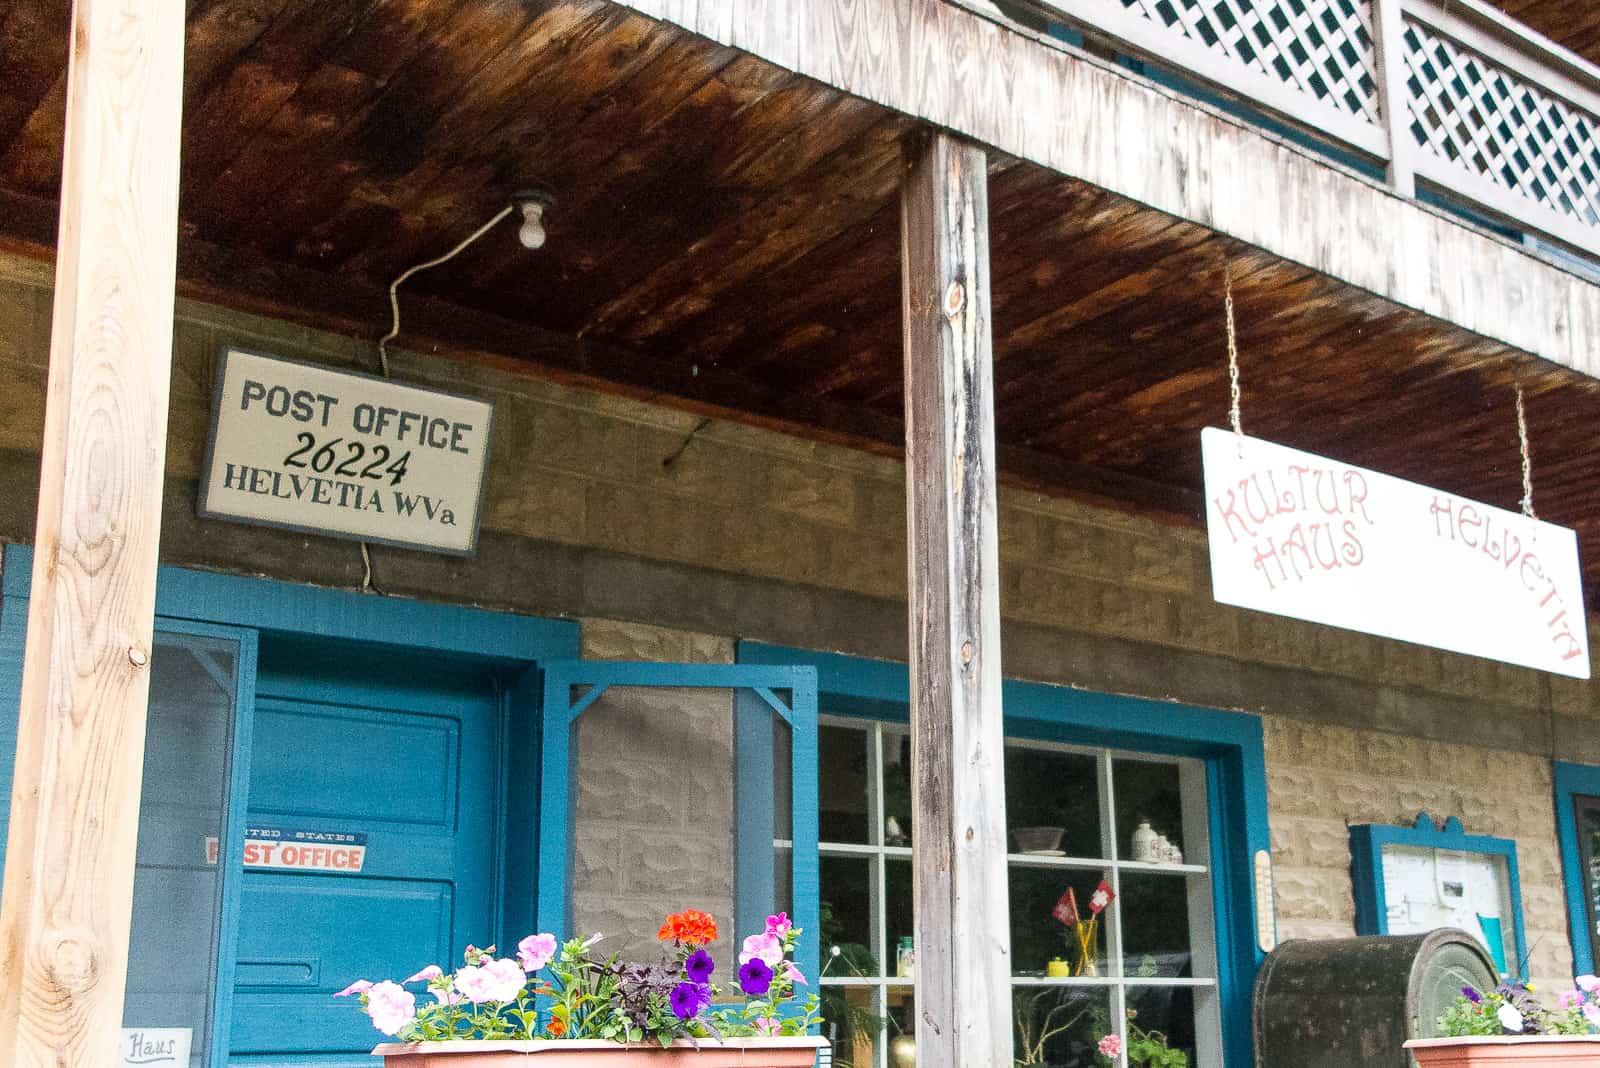 Helvetia, WV: Post und Kulturhaus in einem